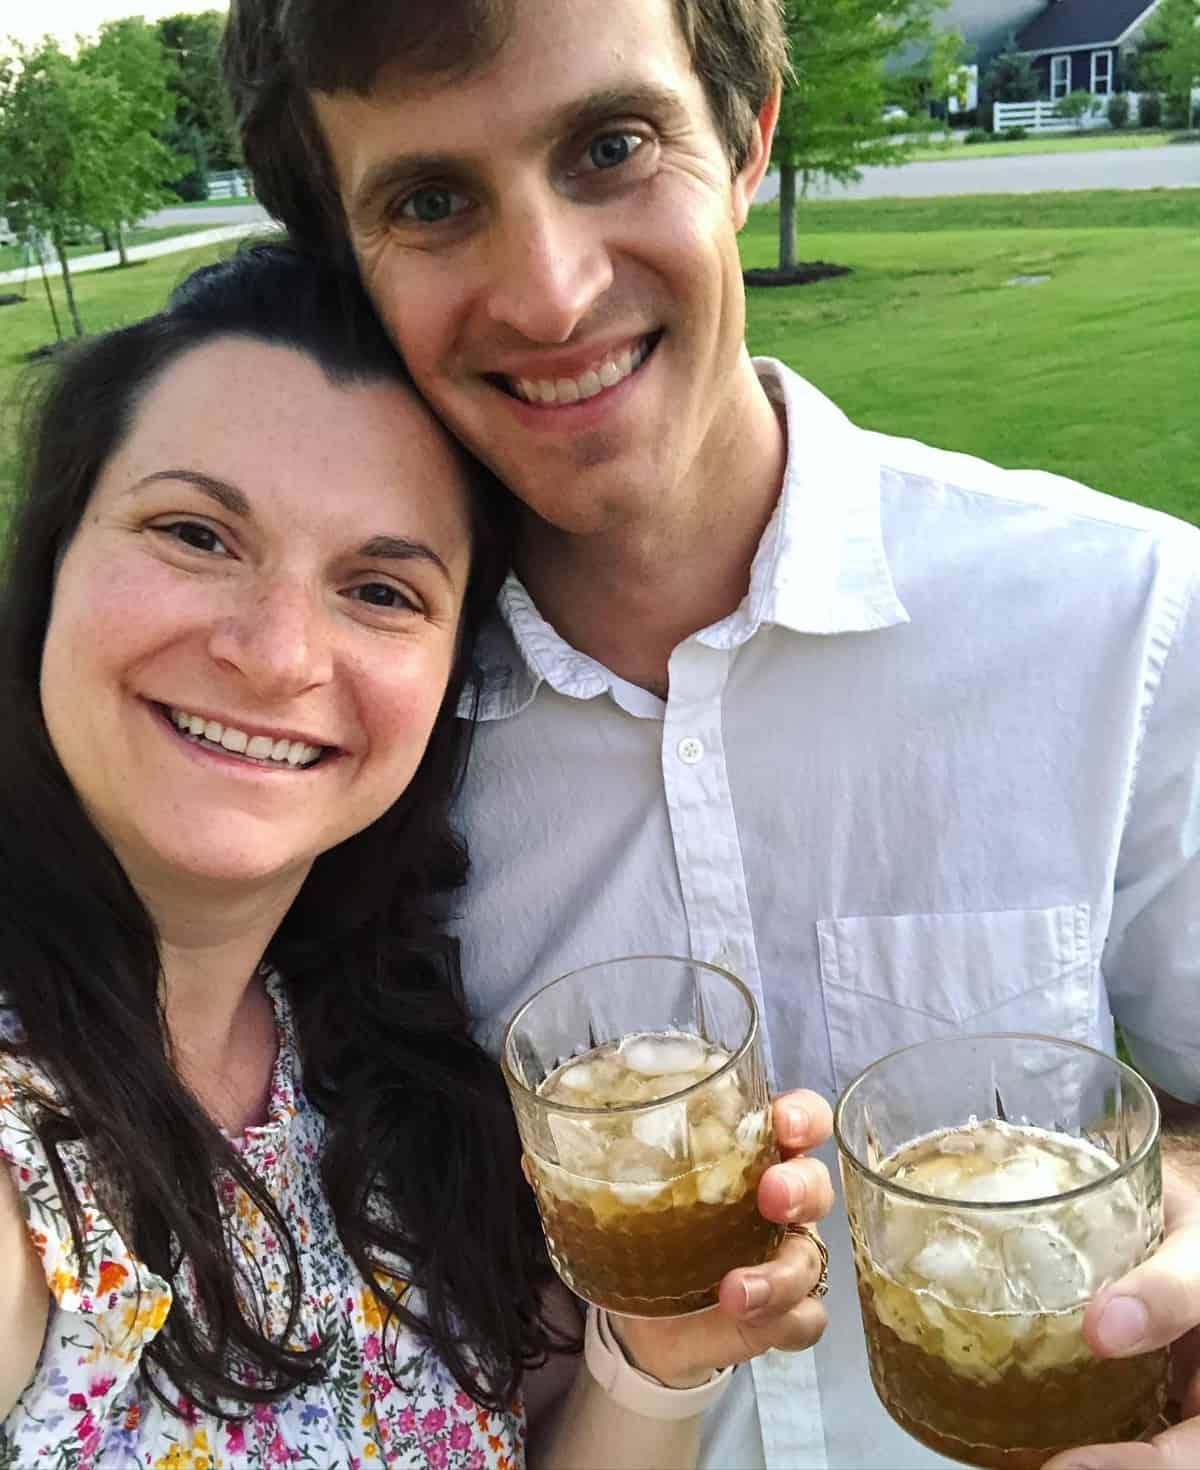 Elizabeth and Zach Lindemann drinking mint juleps selfie